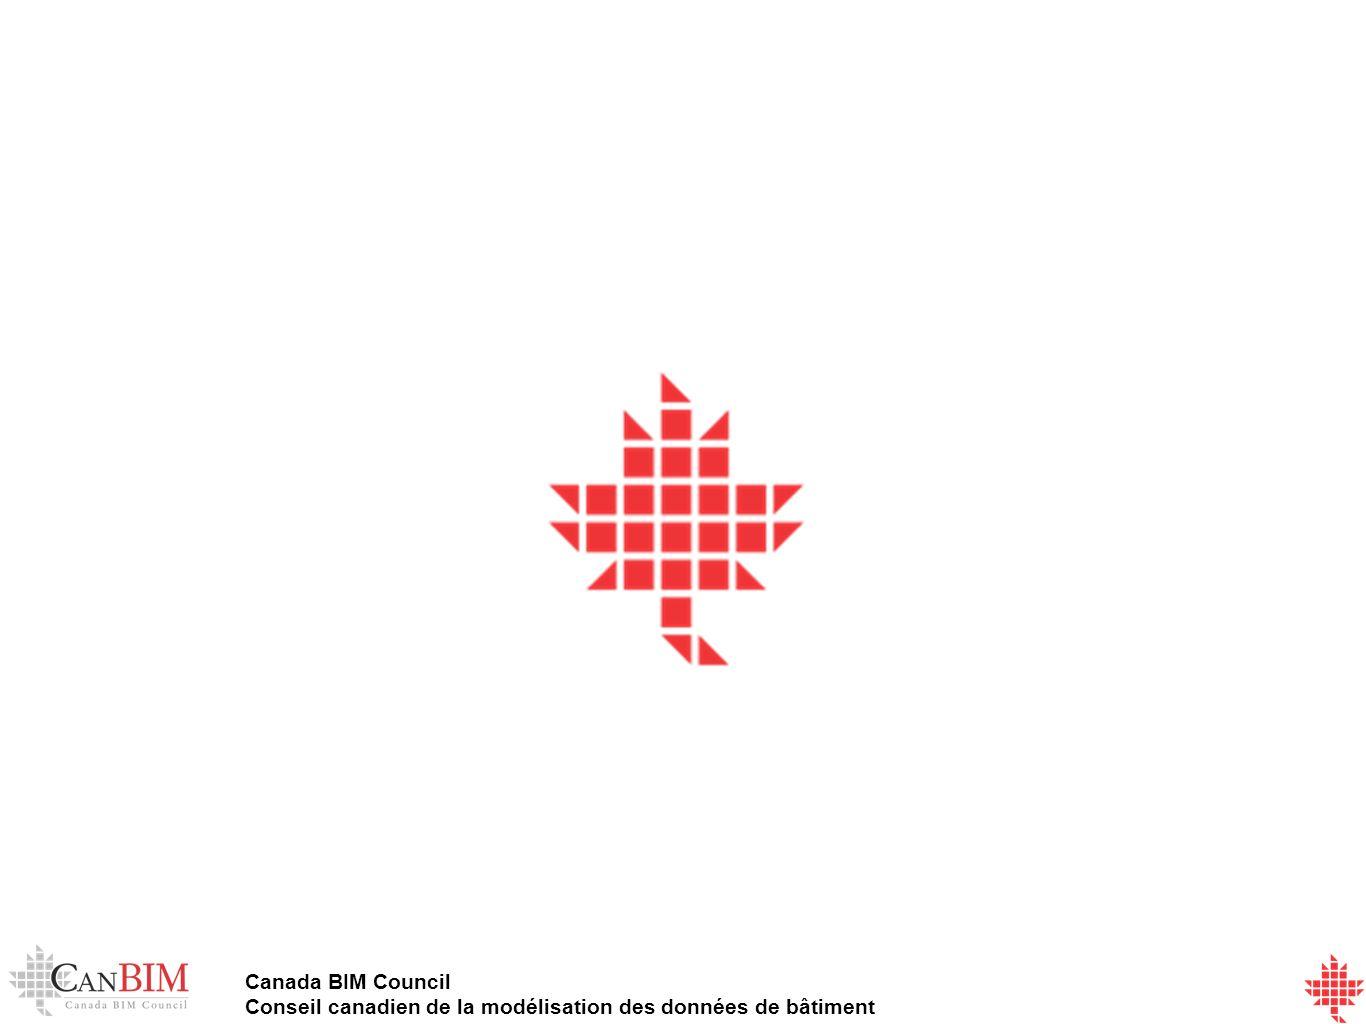 Canada BIM Council Conseil canadien de la modélisation des données de bâtiment